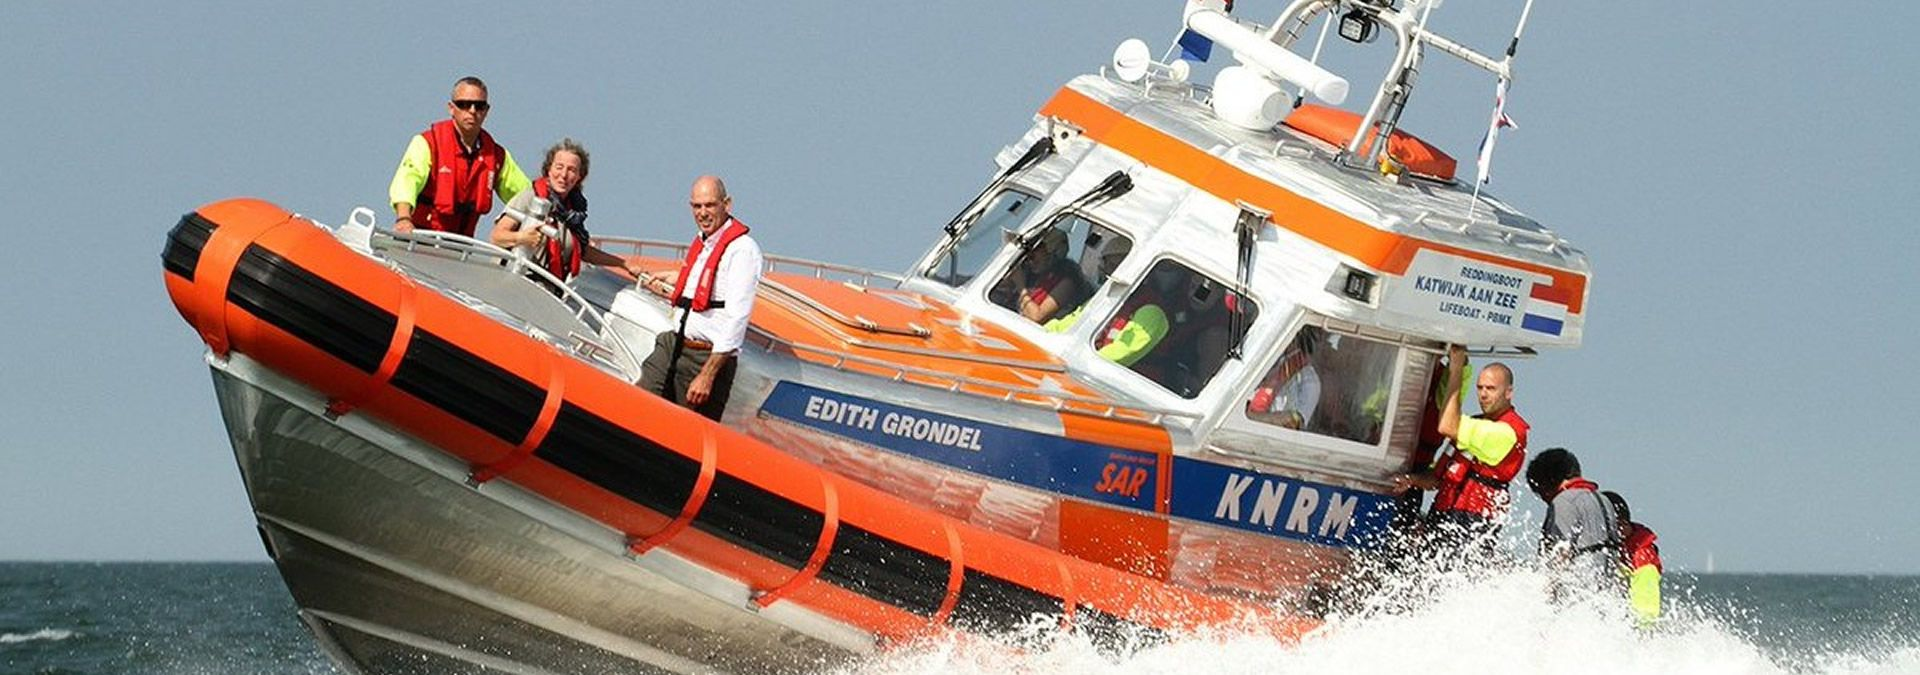 Reddingboot Edith Grondel - Foto A. van Dijk